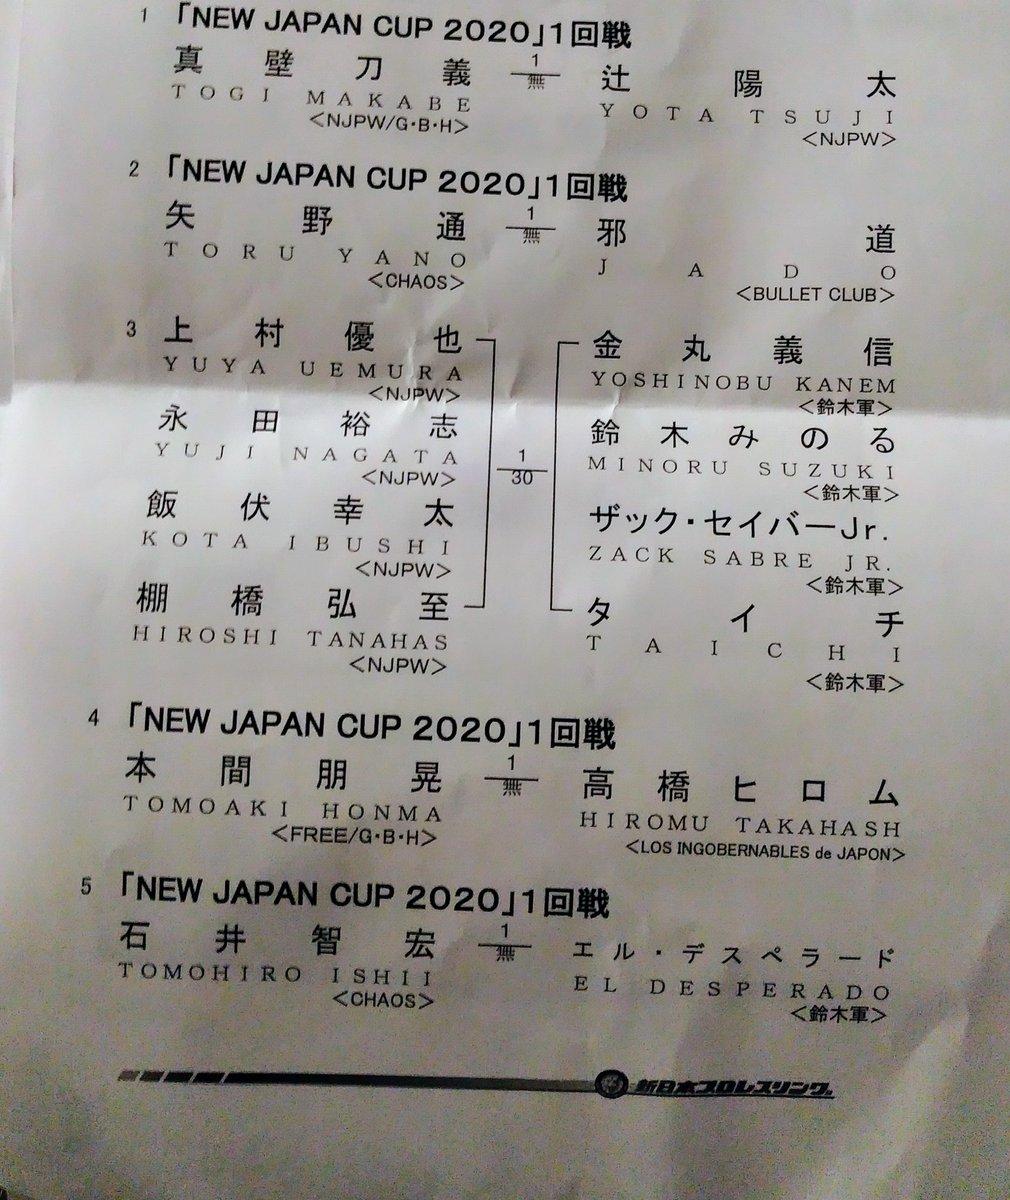 新 日本 ニュー プロレス カップ ジャパン